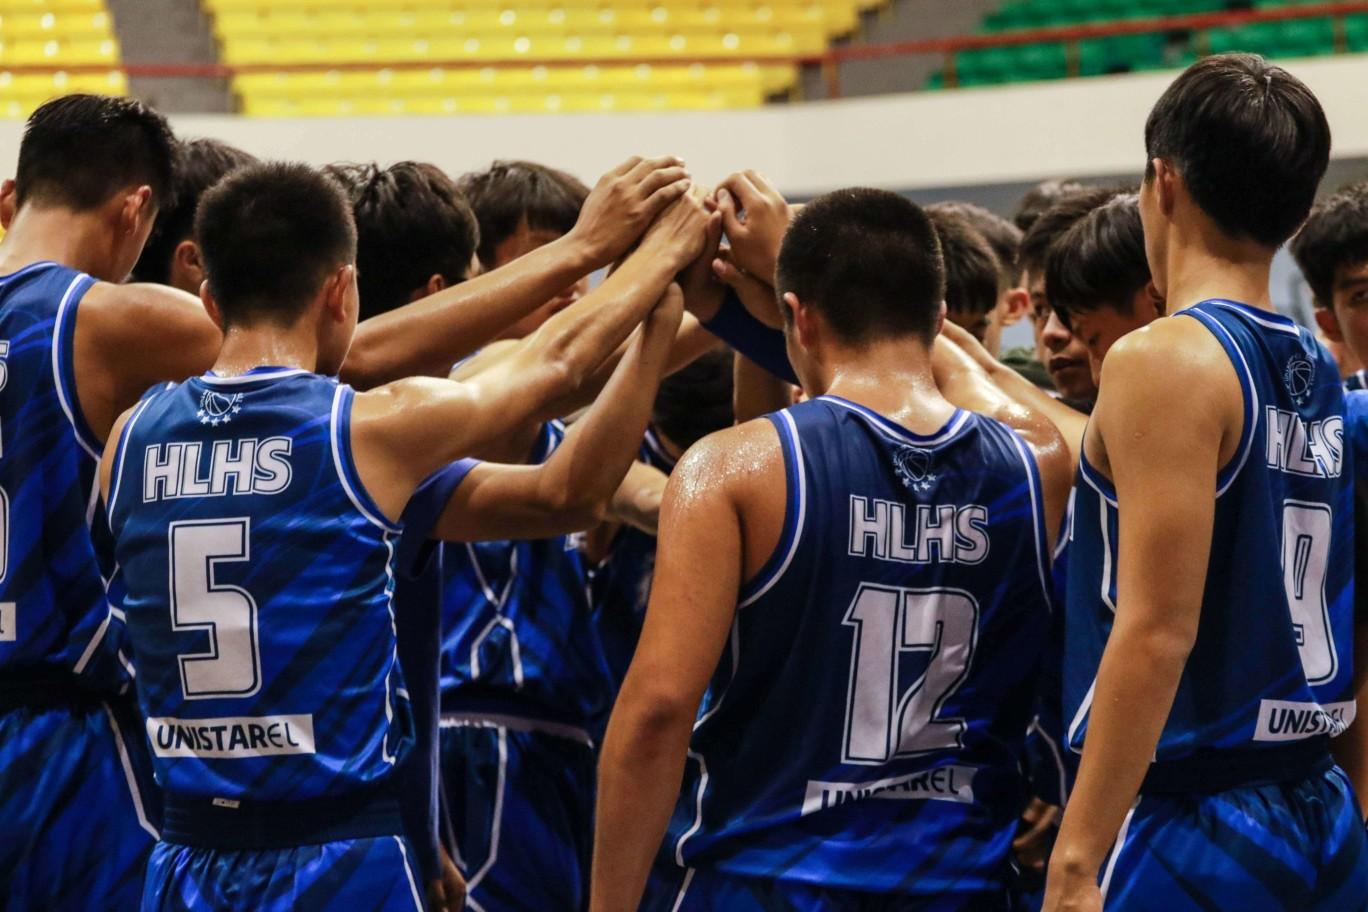 藍色炫風球衣帶好運,花蓮高中籃球隊挑戰7年障礙